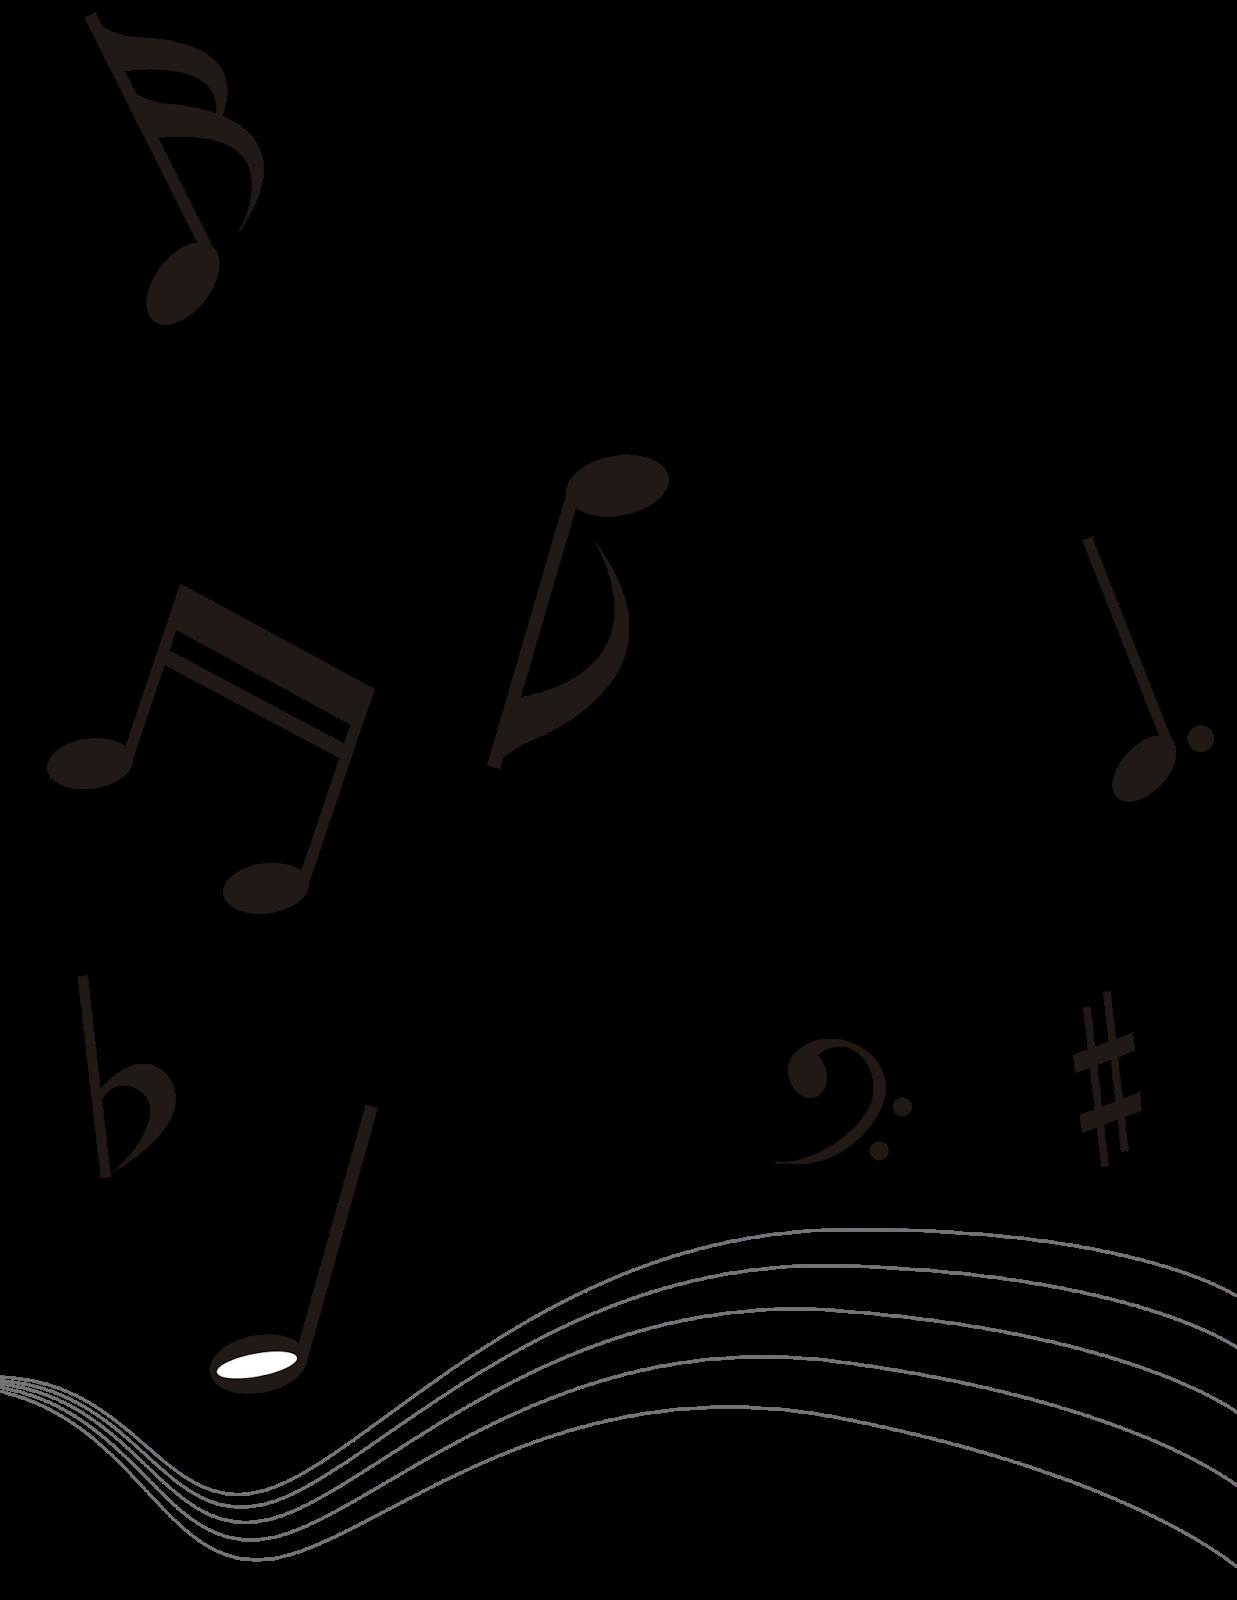 cosas en png notas musicales